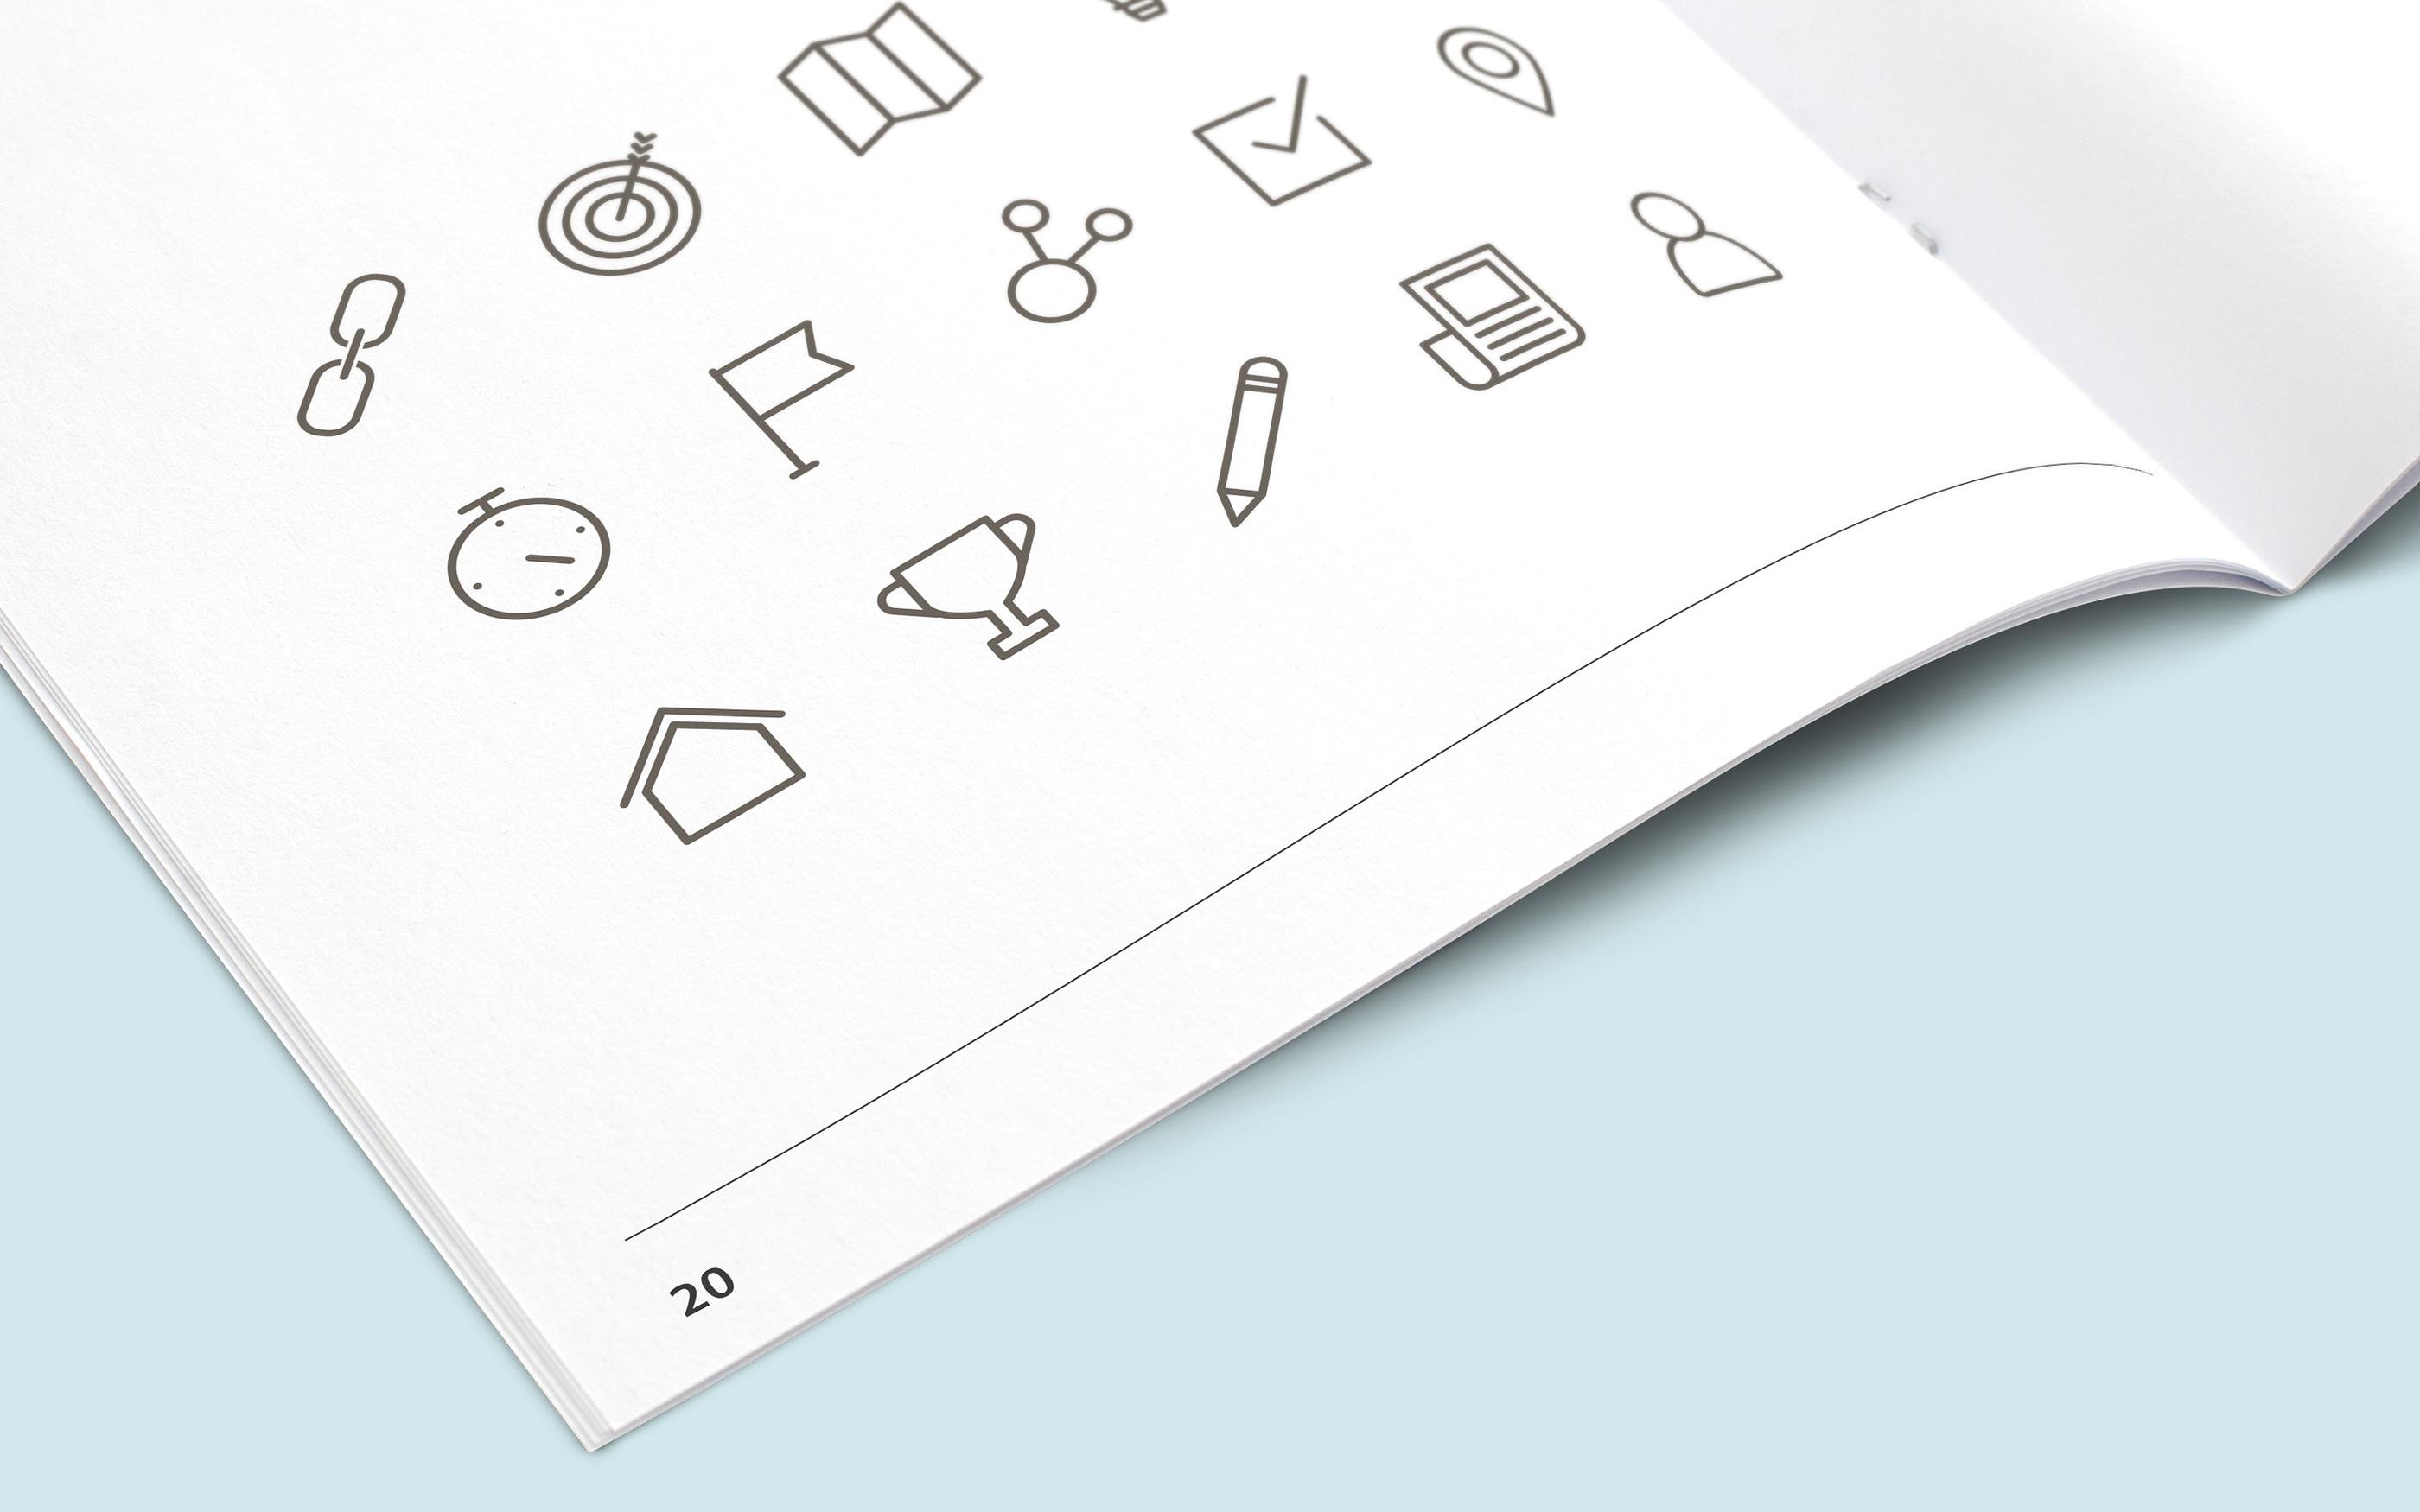 Ikoner som del af visuel identitet for Via Trafik